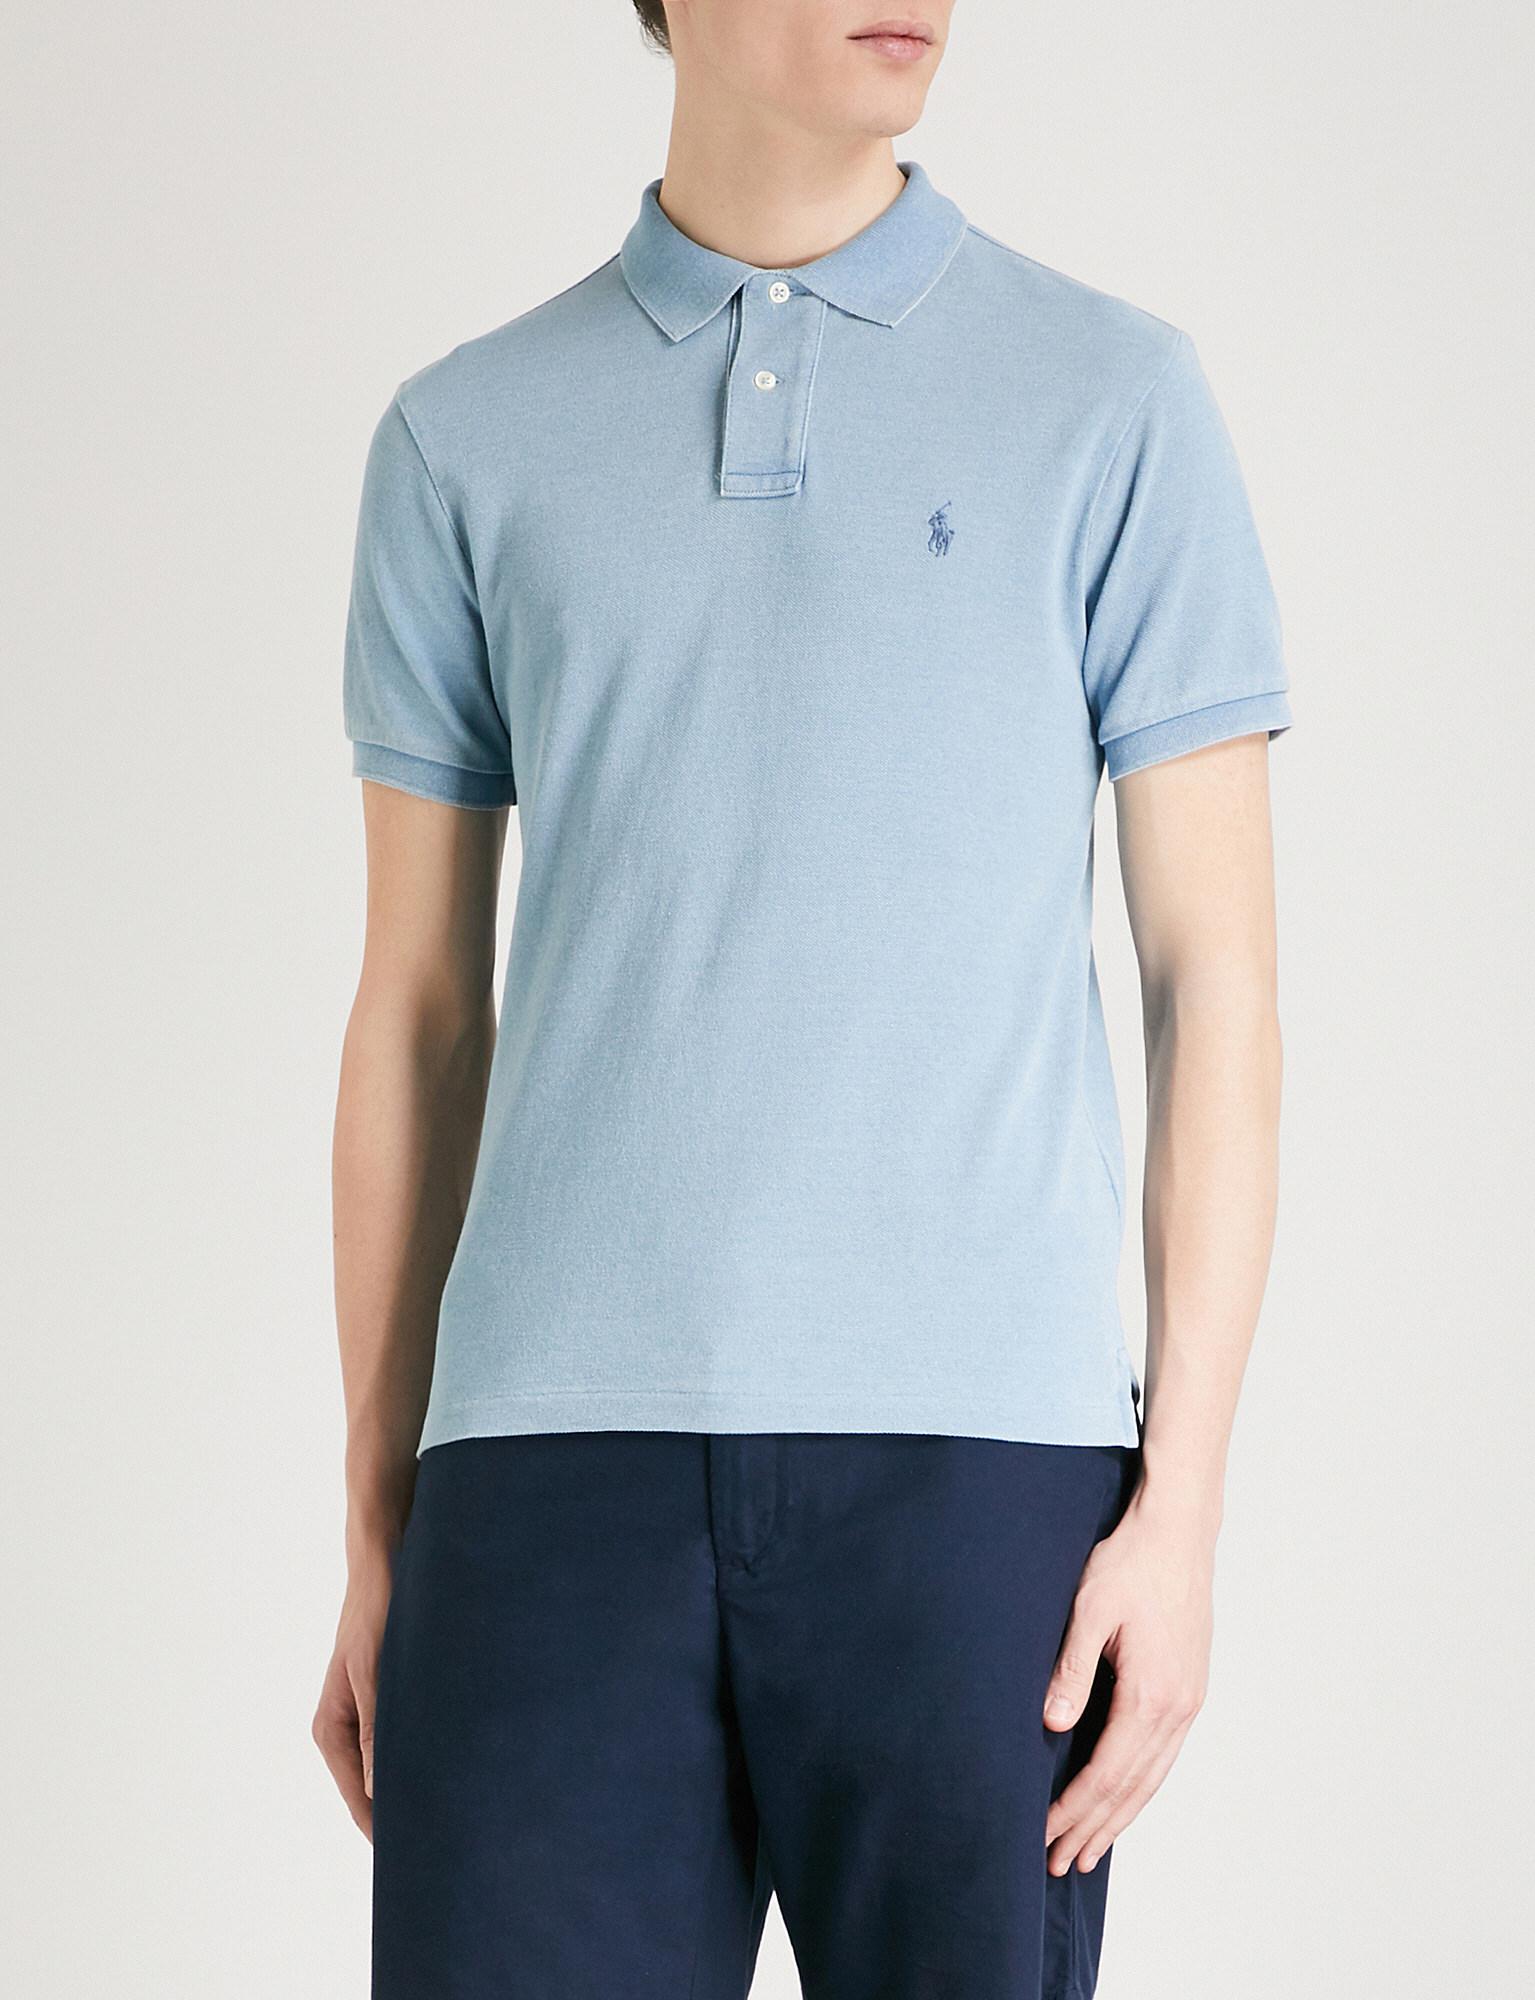 Ralph Lauren Slim-fit Cotton-piqué Polo Shirt - Light blue 3opcoad8